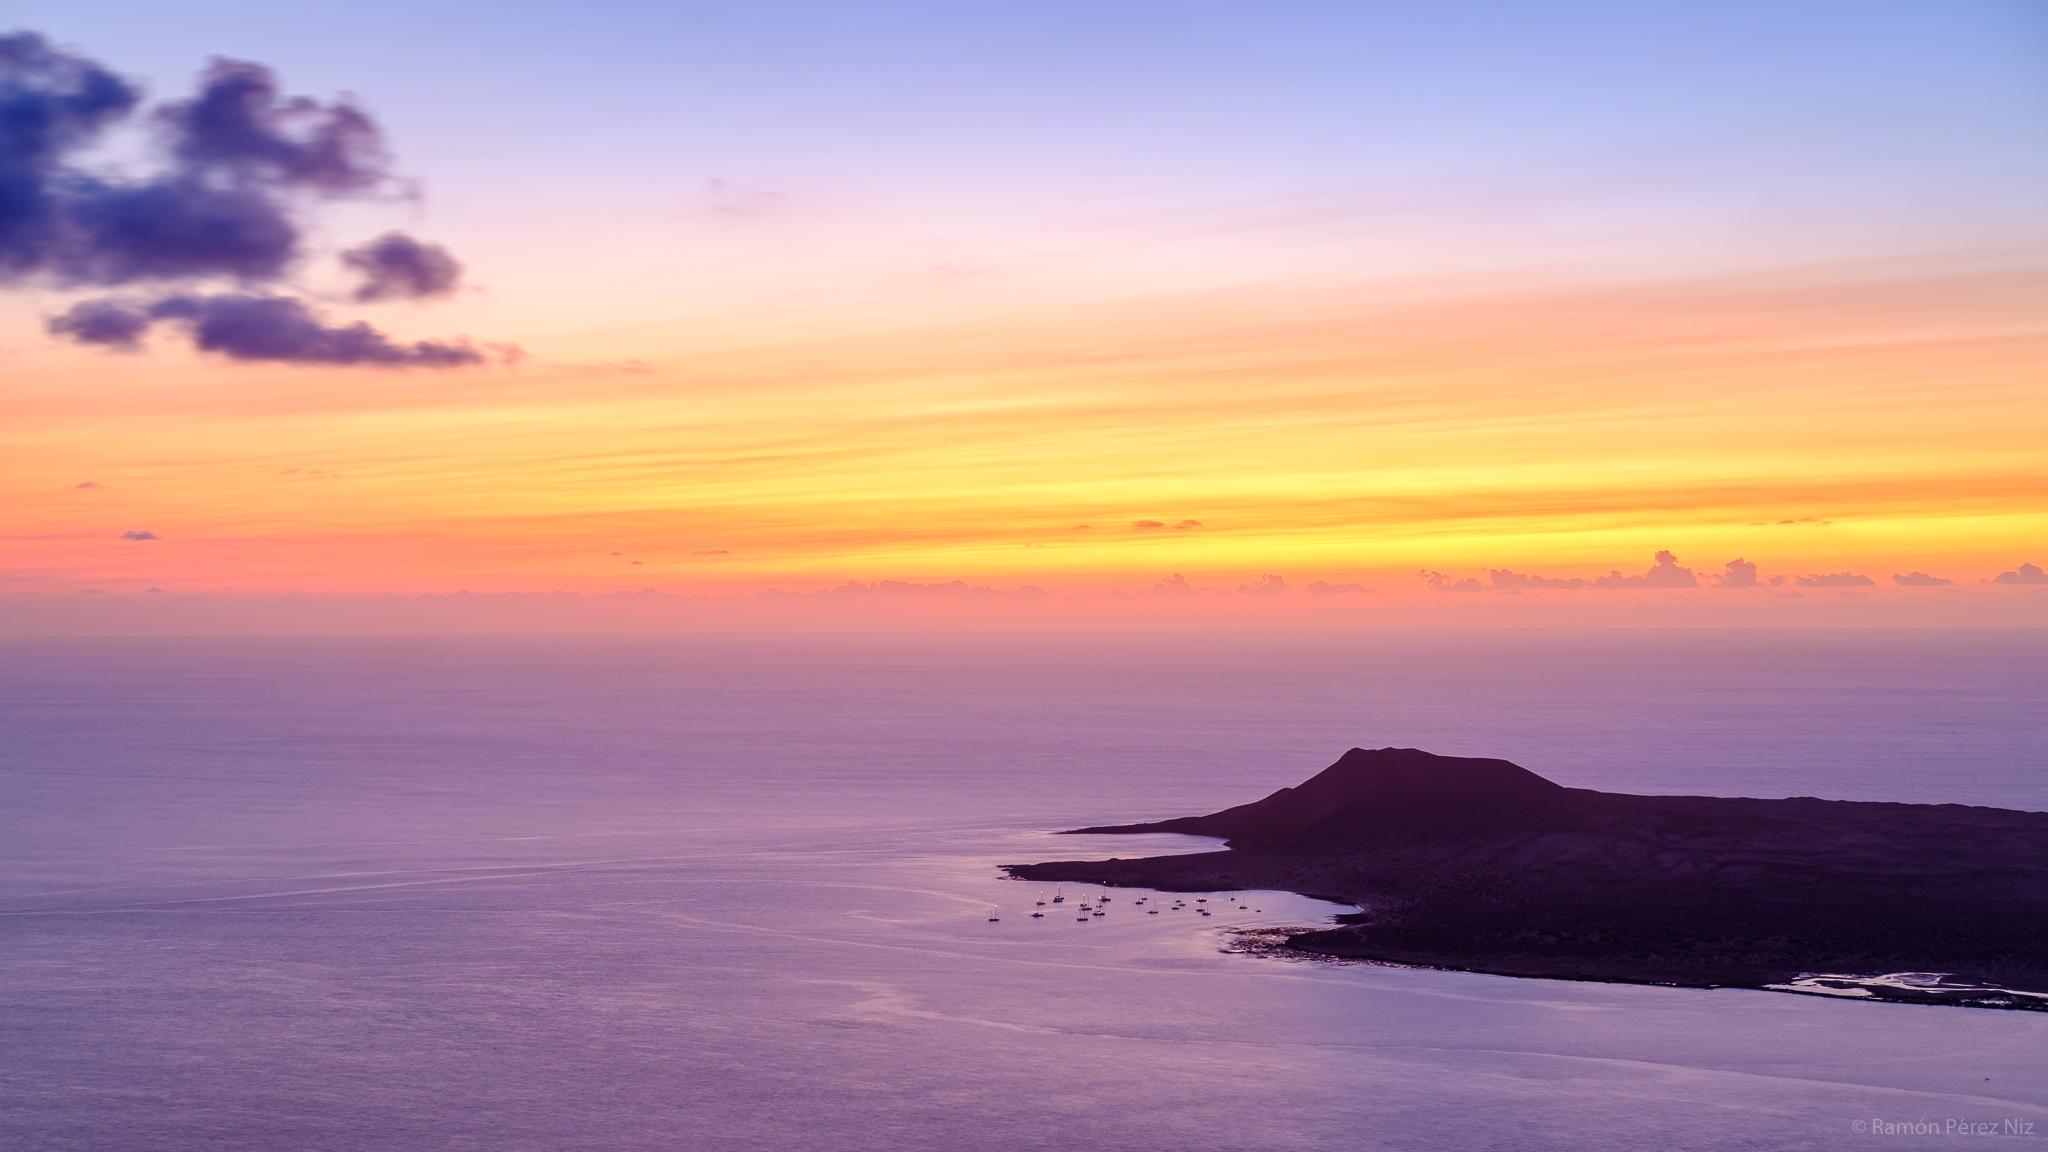 Playa Francesa y Montaña Amarilla al Atardecer desde el Risco de Famara Fotografía de Ramón Pérez Niz